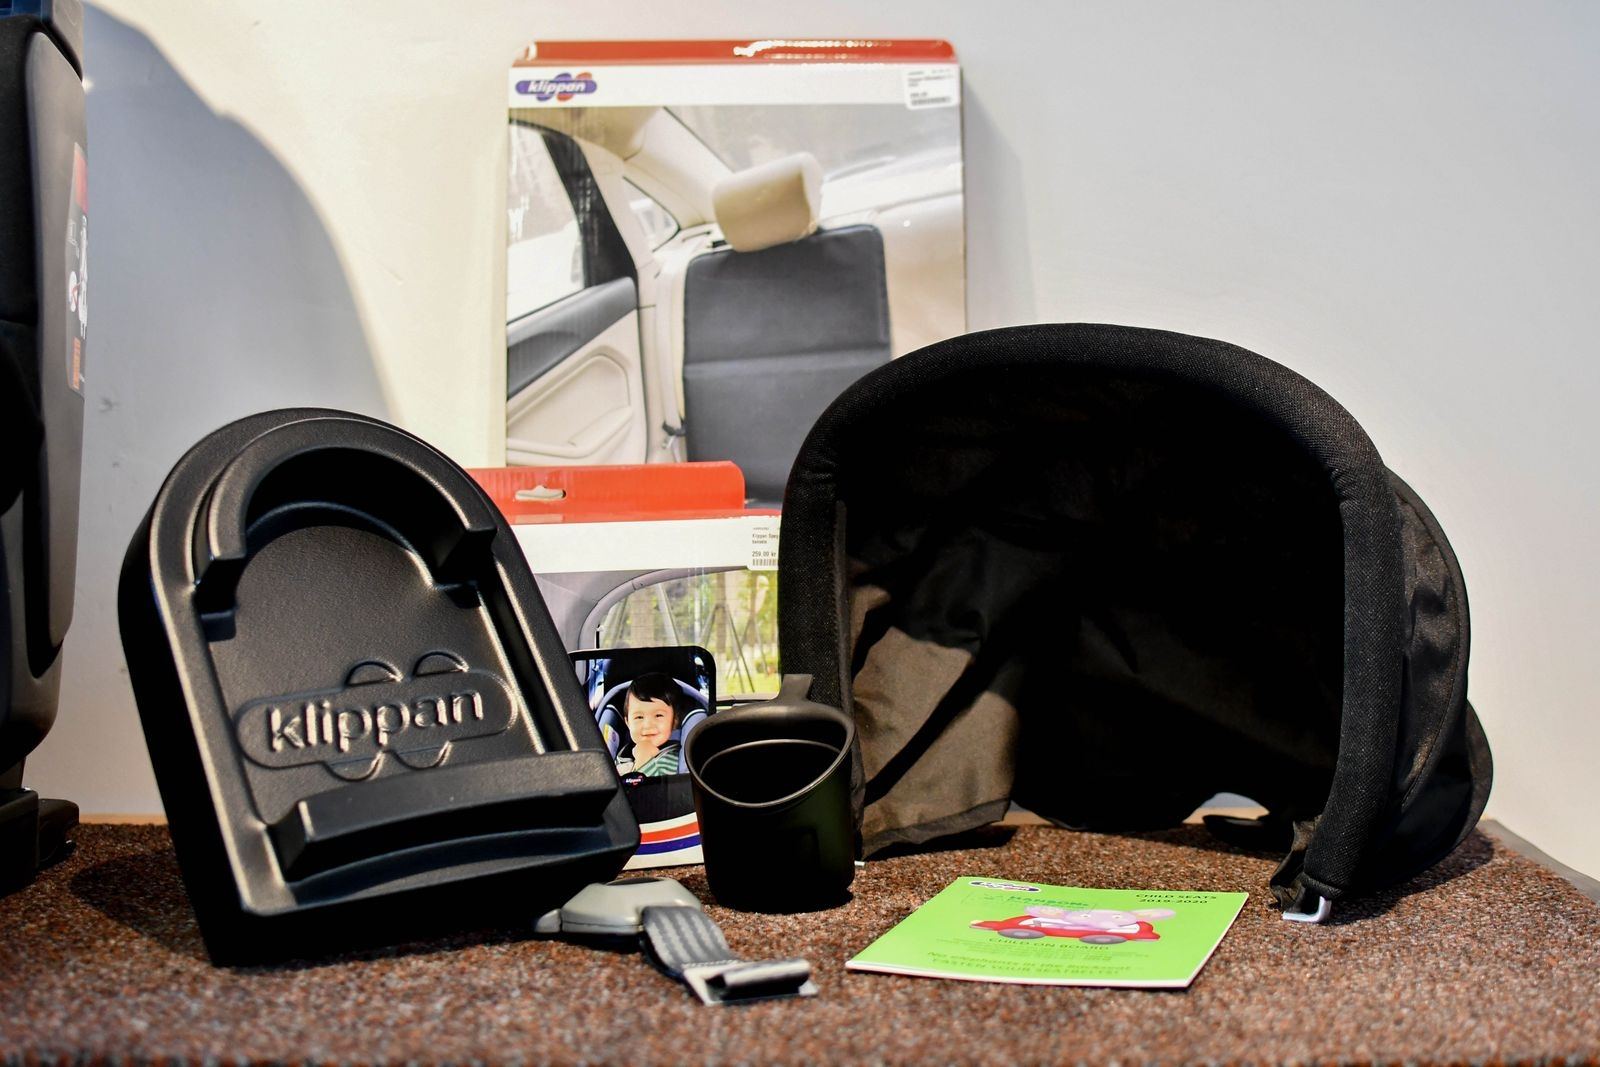 Oy Klippan erbjuder många smarta tillbehör till sina stolar, som mellanlägg för att förlänga benutrymmet, bälteslarm, mugghållare, solskydd, spegel och sätesskydd.